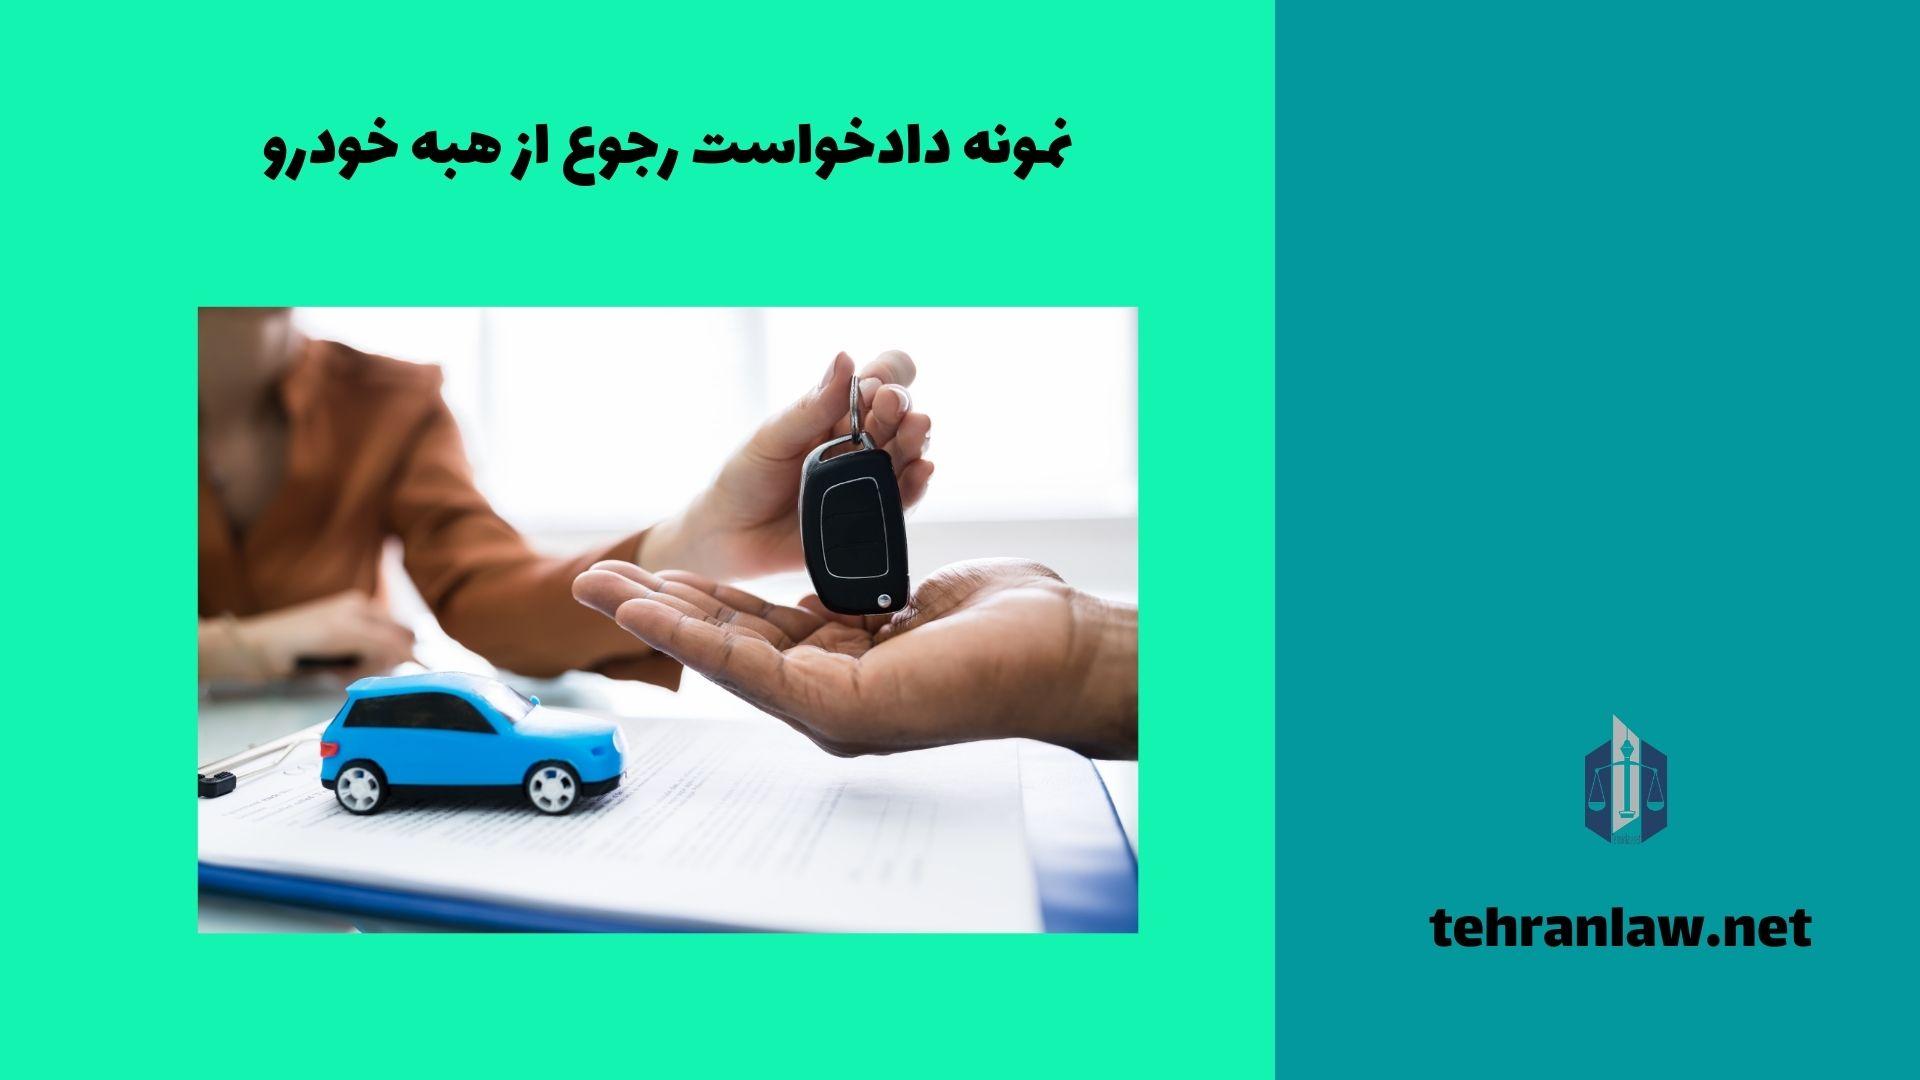 نمونه دادخواست رجوع از هبه خودرو